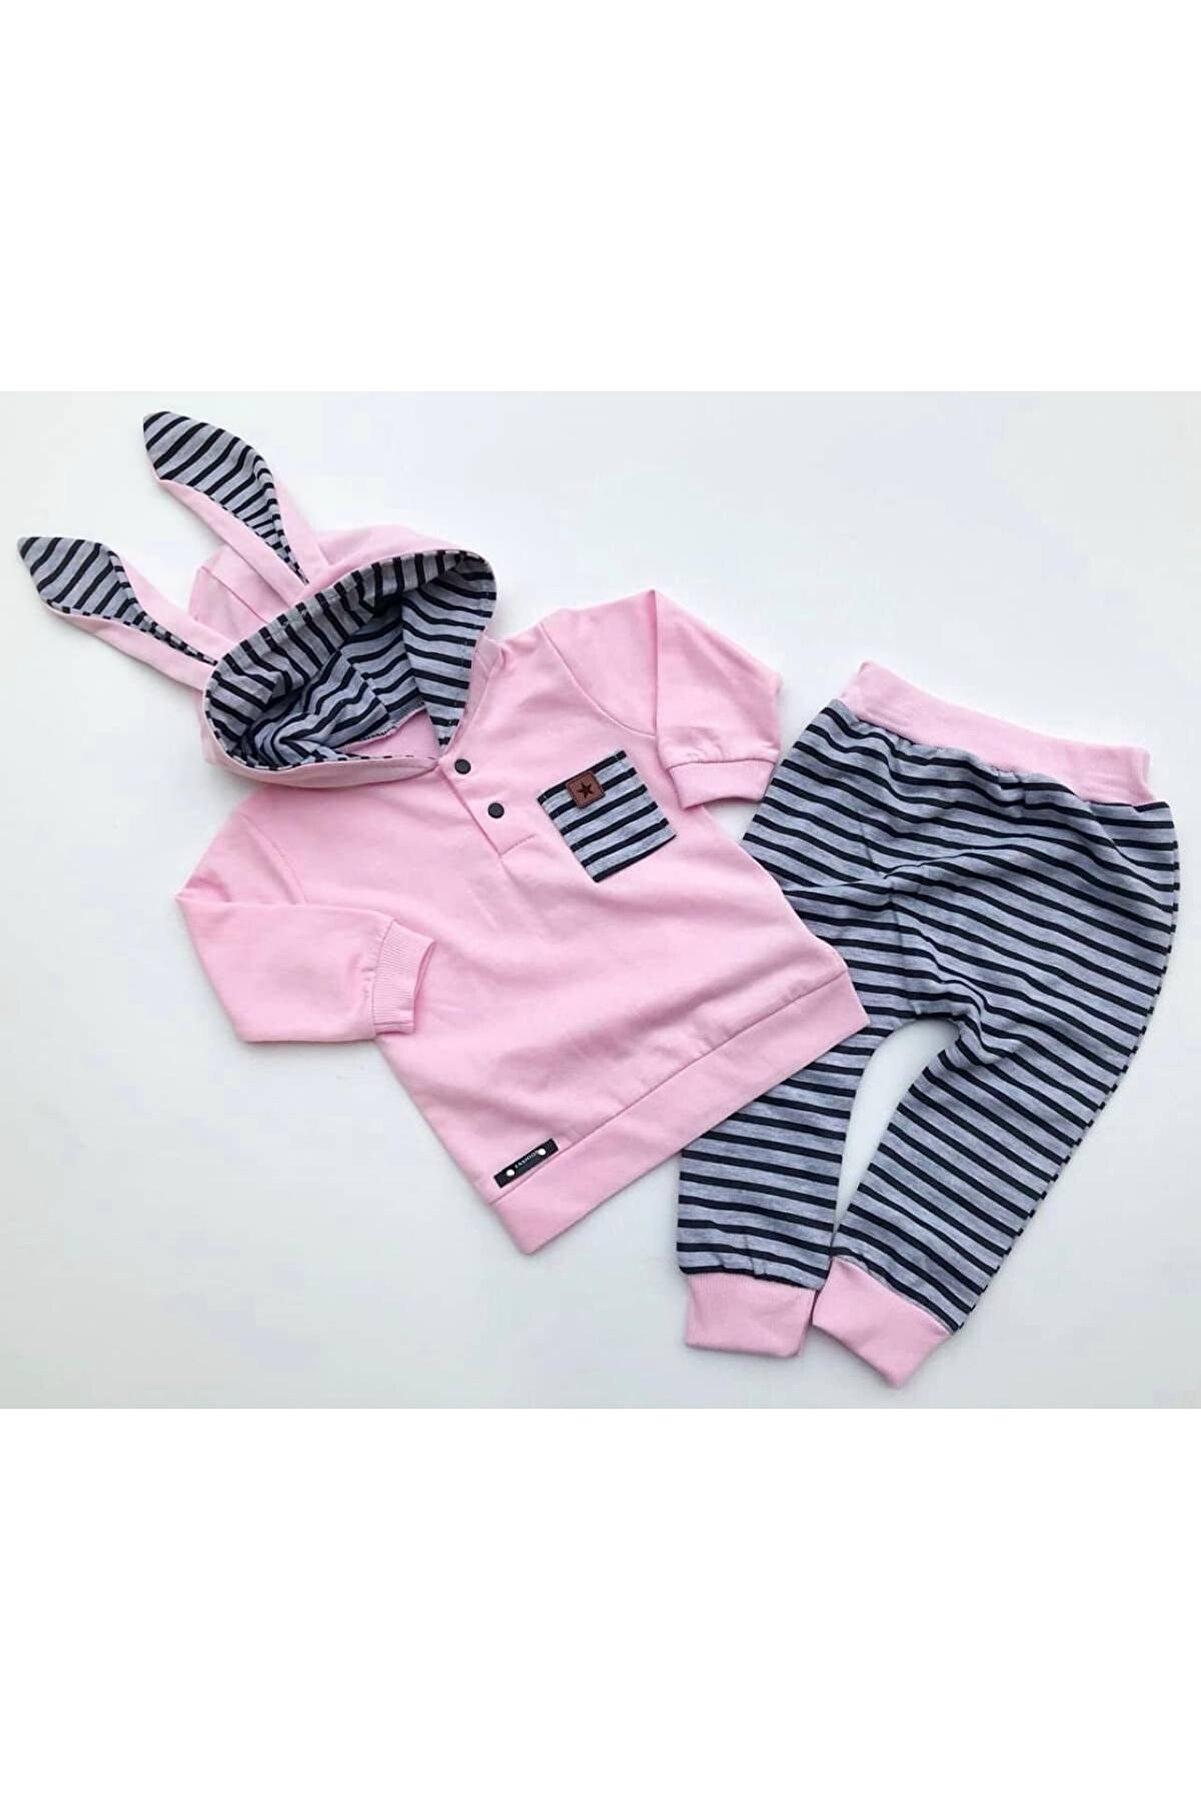 Beren Kids Tavşan Kulaklı Tatlı Kapşonlu Bebek Alt Üst Takım